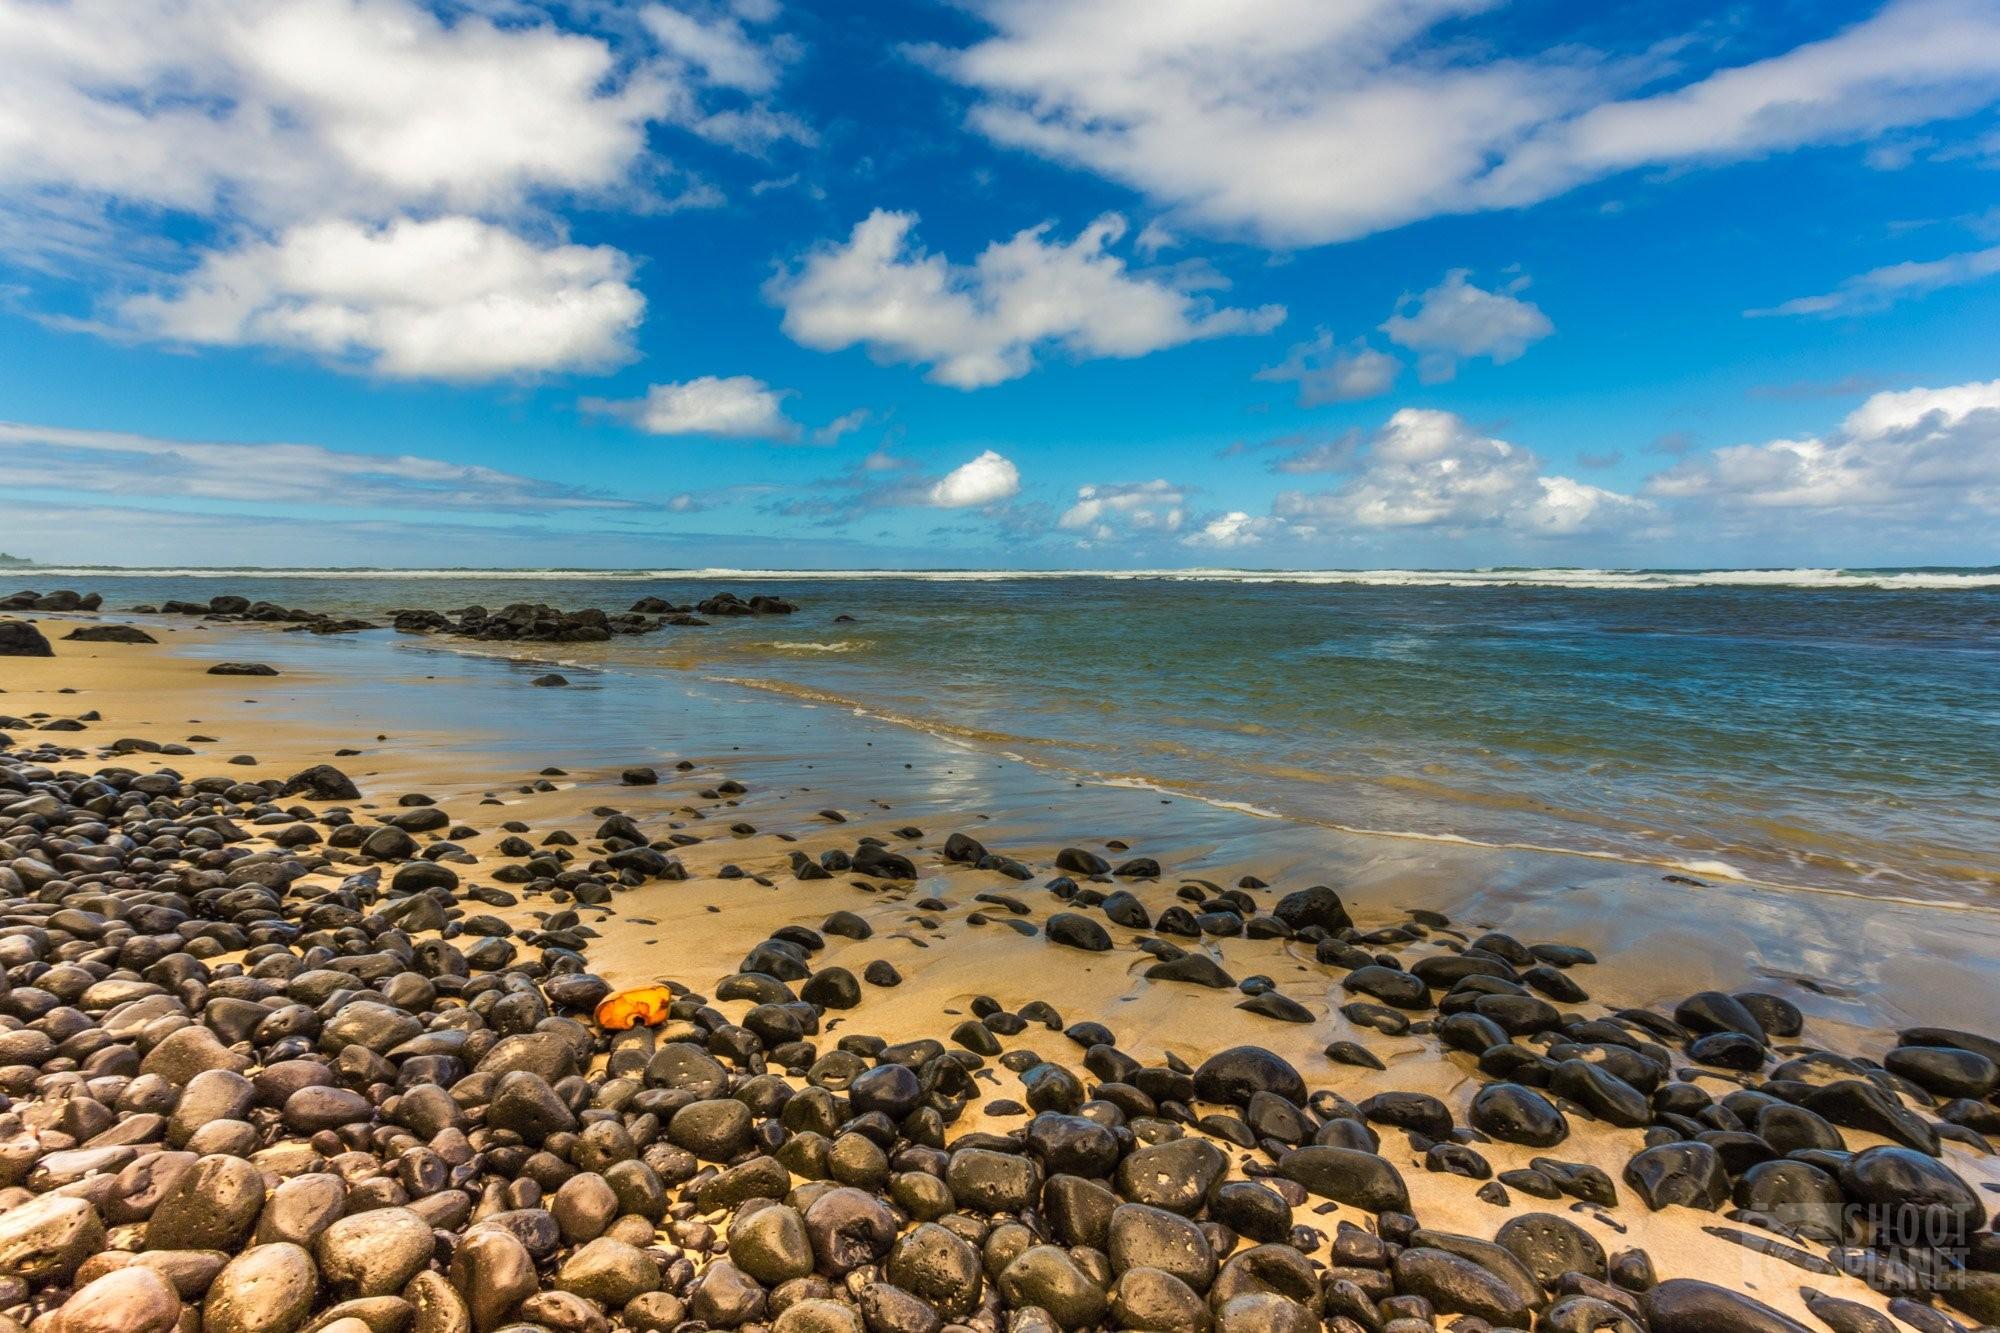 Rivière des Galets pebble beach, Mauritius